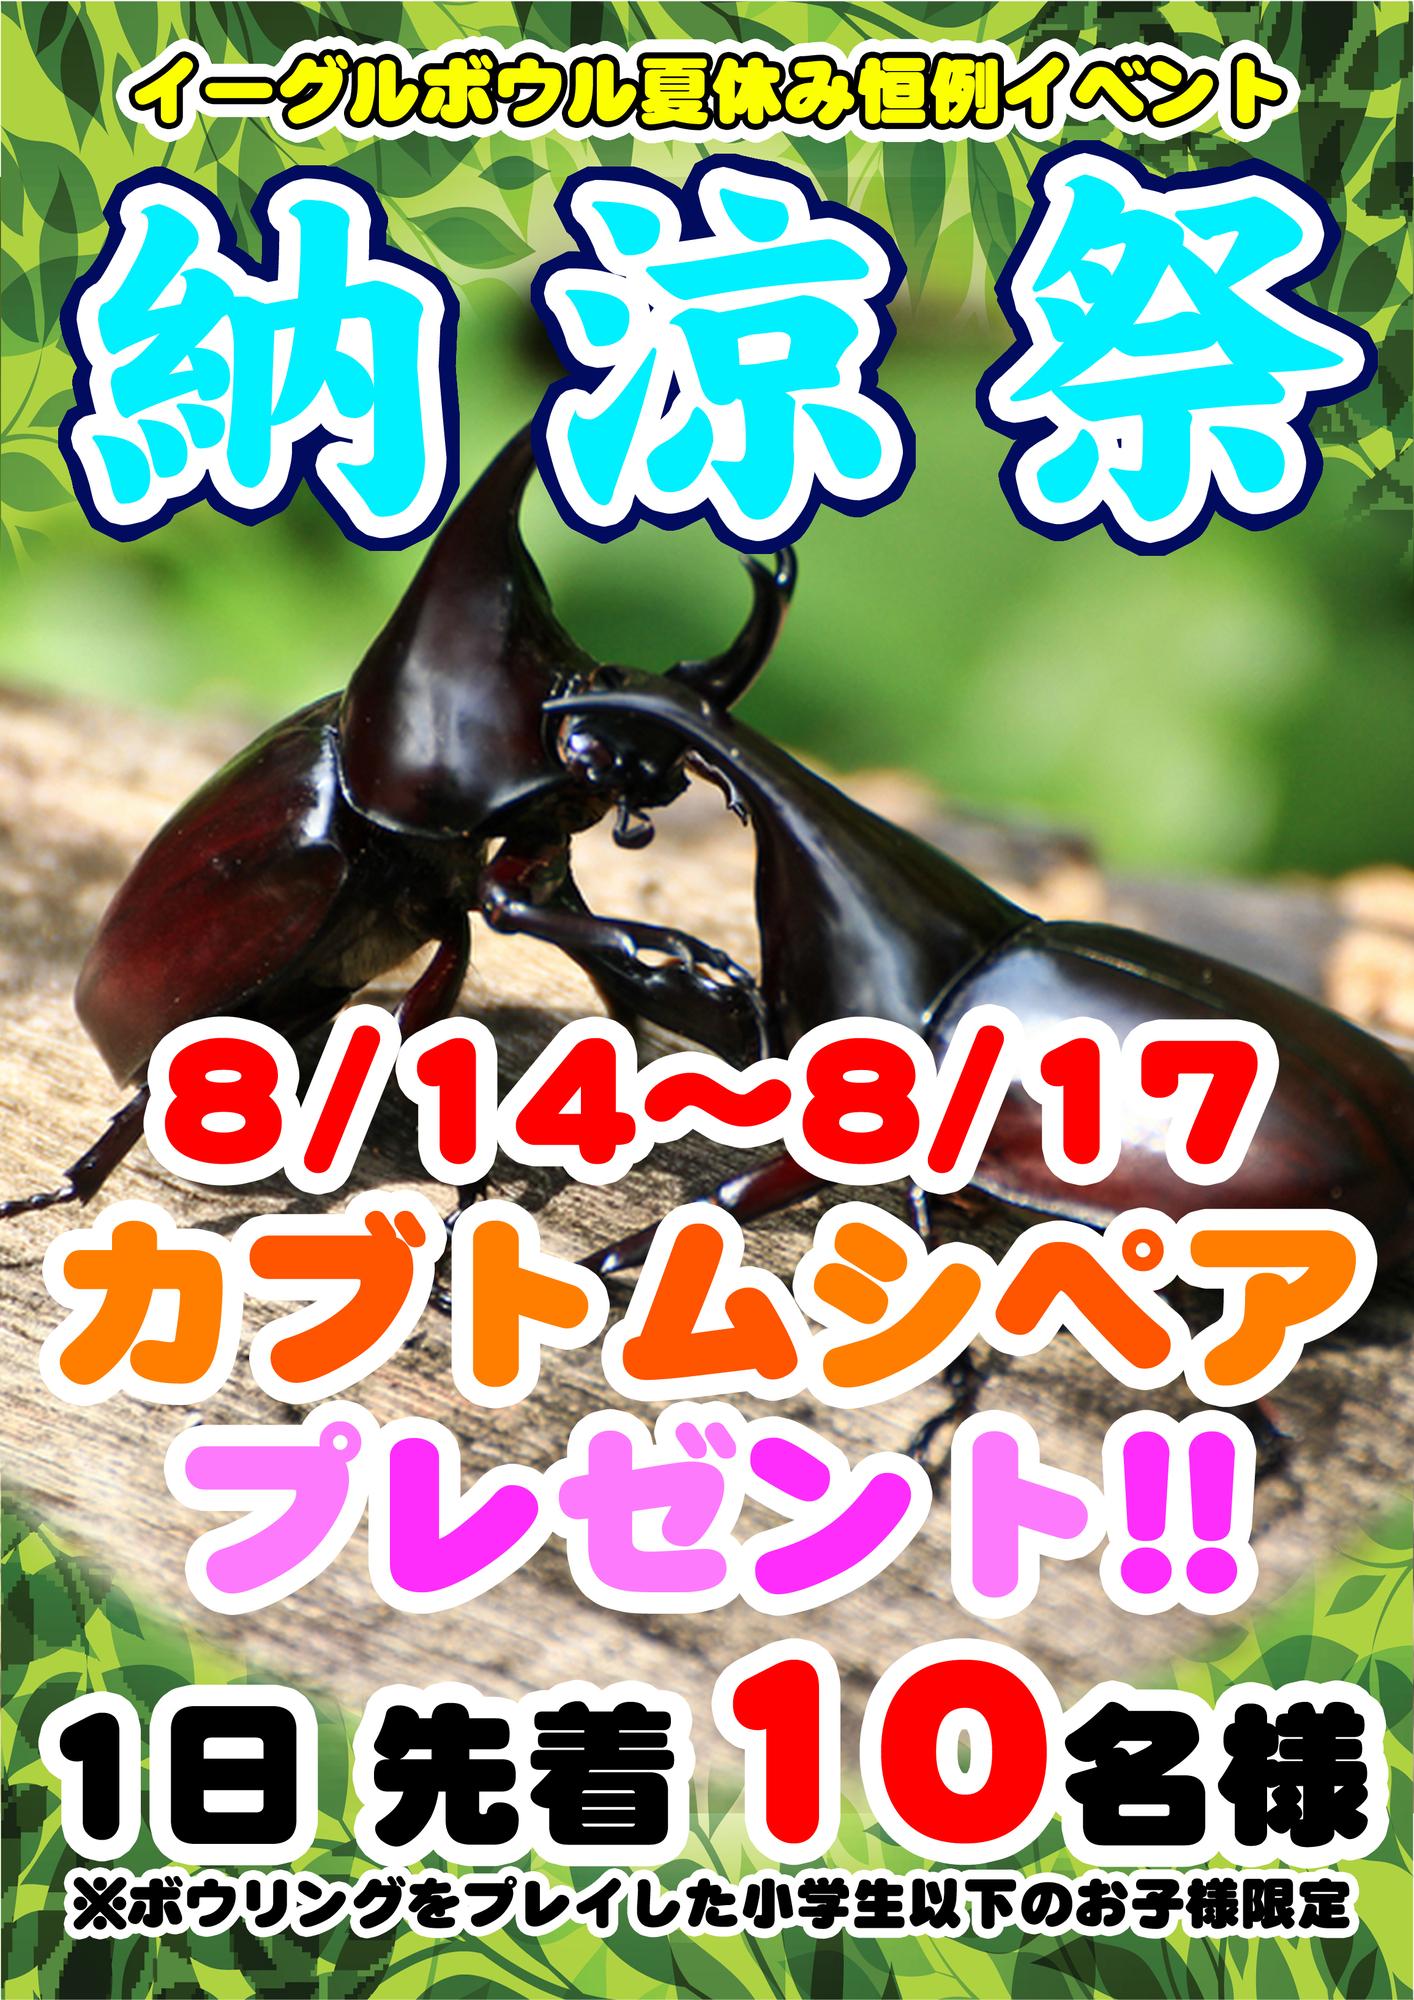 イーグルボウル納涼祭-カブトムシプレゼント